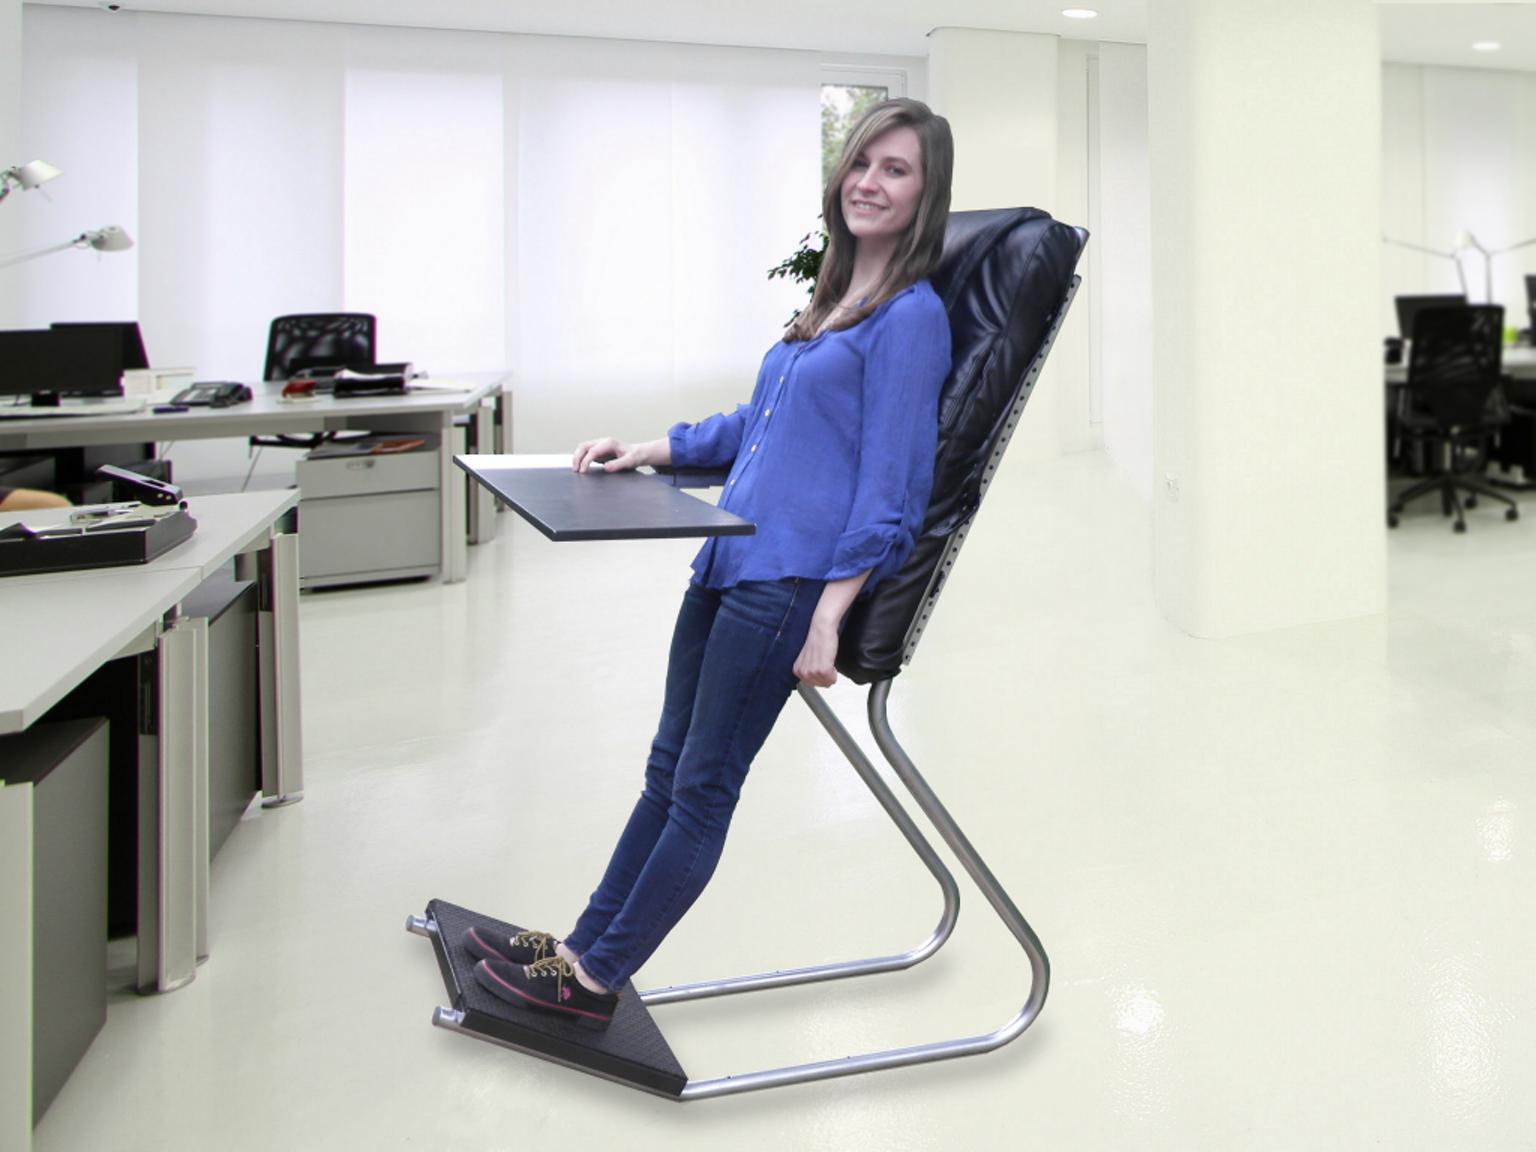 best 20+ standing desk chair ideas on pinterest | standing desk height, standing KOGKOFK